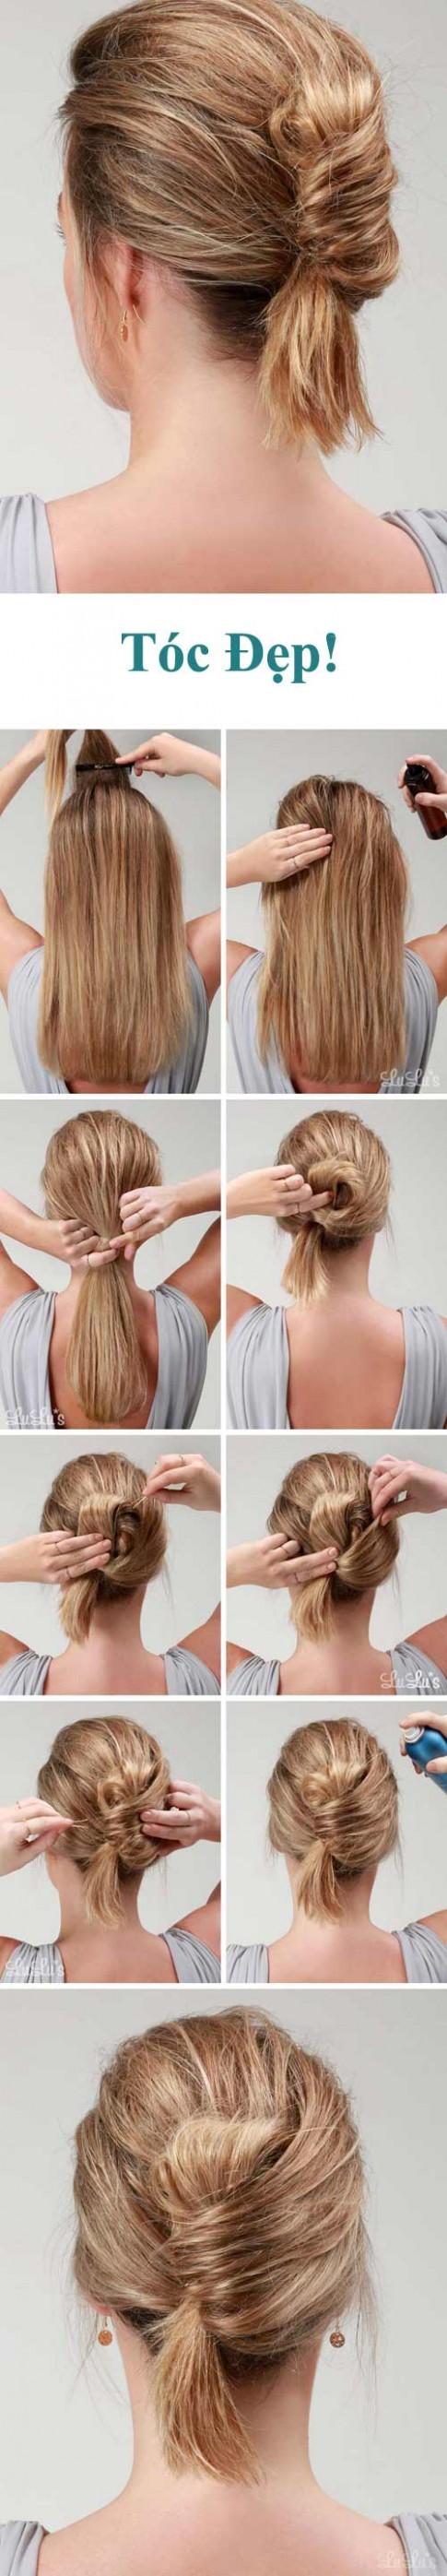 11 kiểu biến tấu với tóc tuyệt vời dành riêng cho nàng công sở